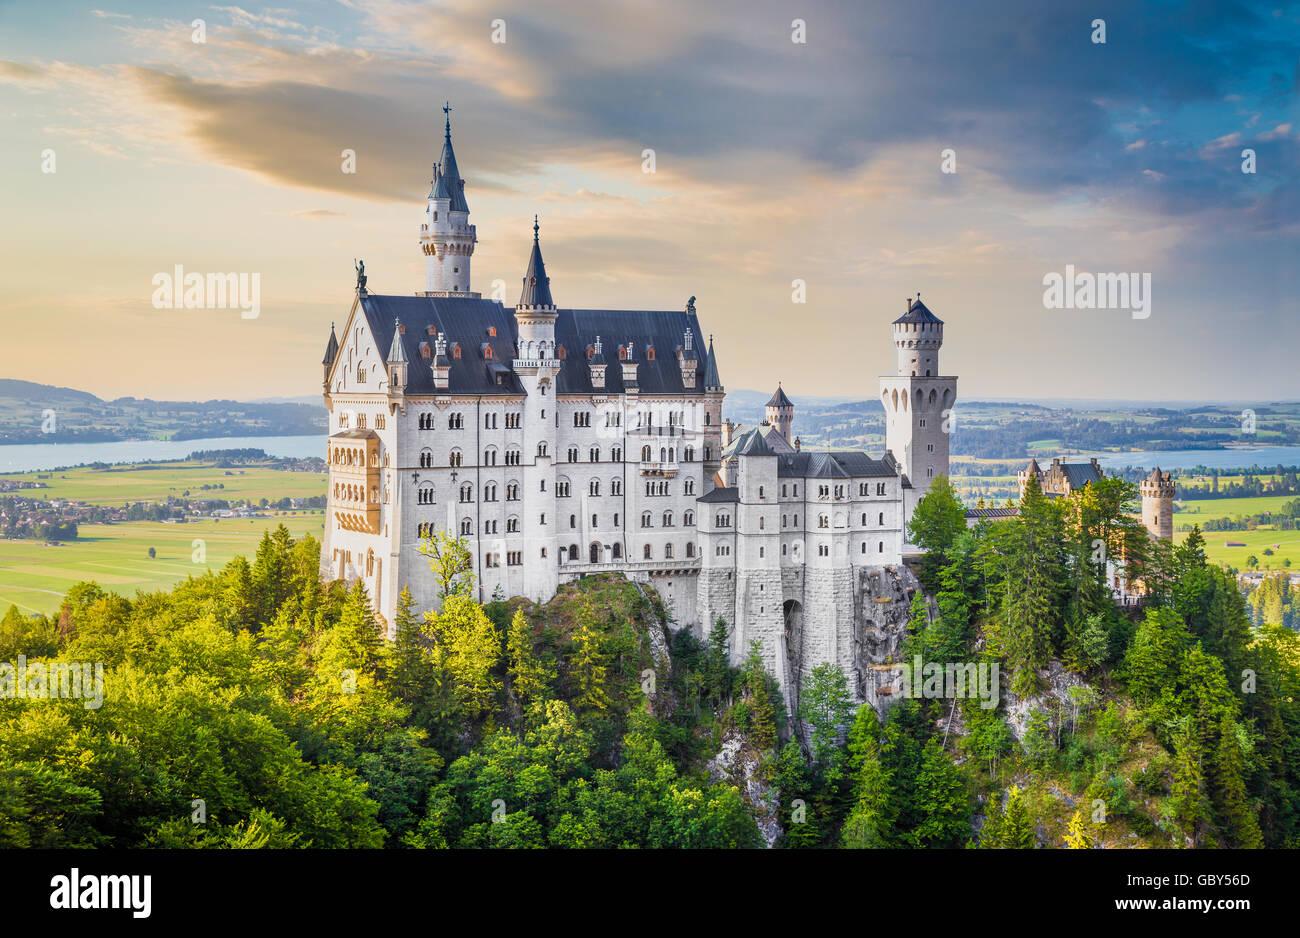 La vue classique du célèbre château de Neuschwanstein, l'un des châteaux les plus visités Photo Stock